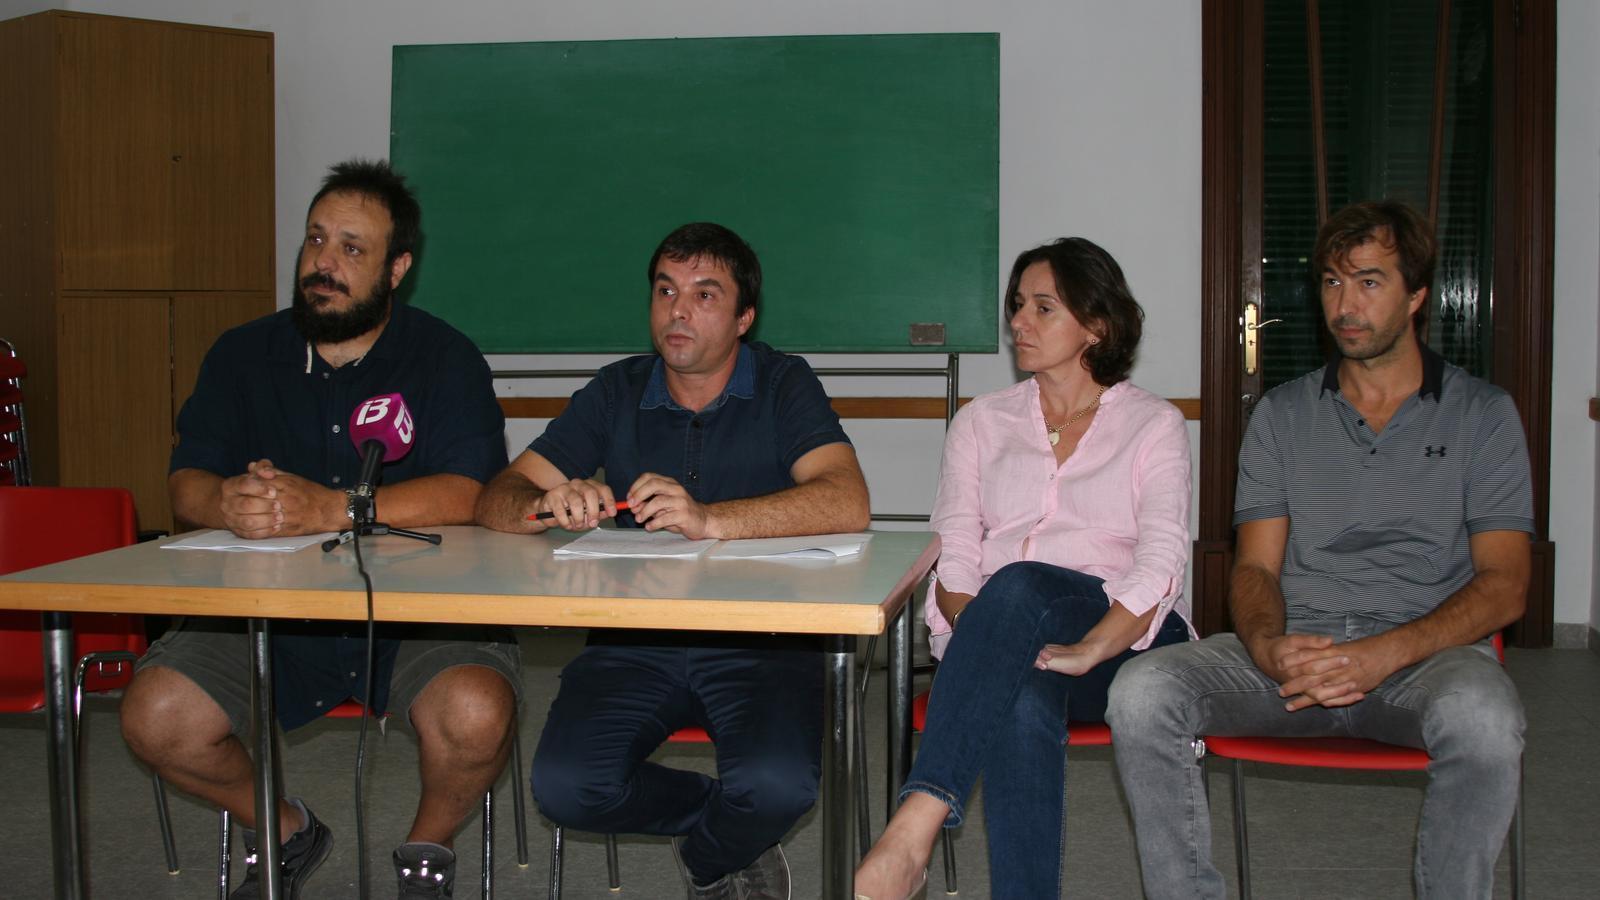 Representants d'un sector de socis durant la roda de premsa al Centre Parroquial.